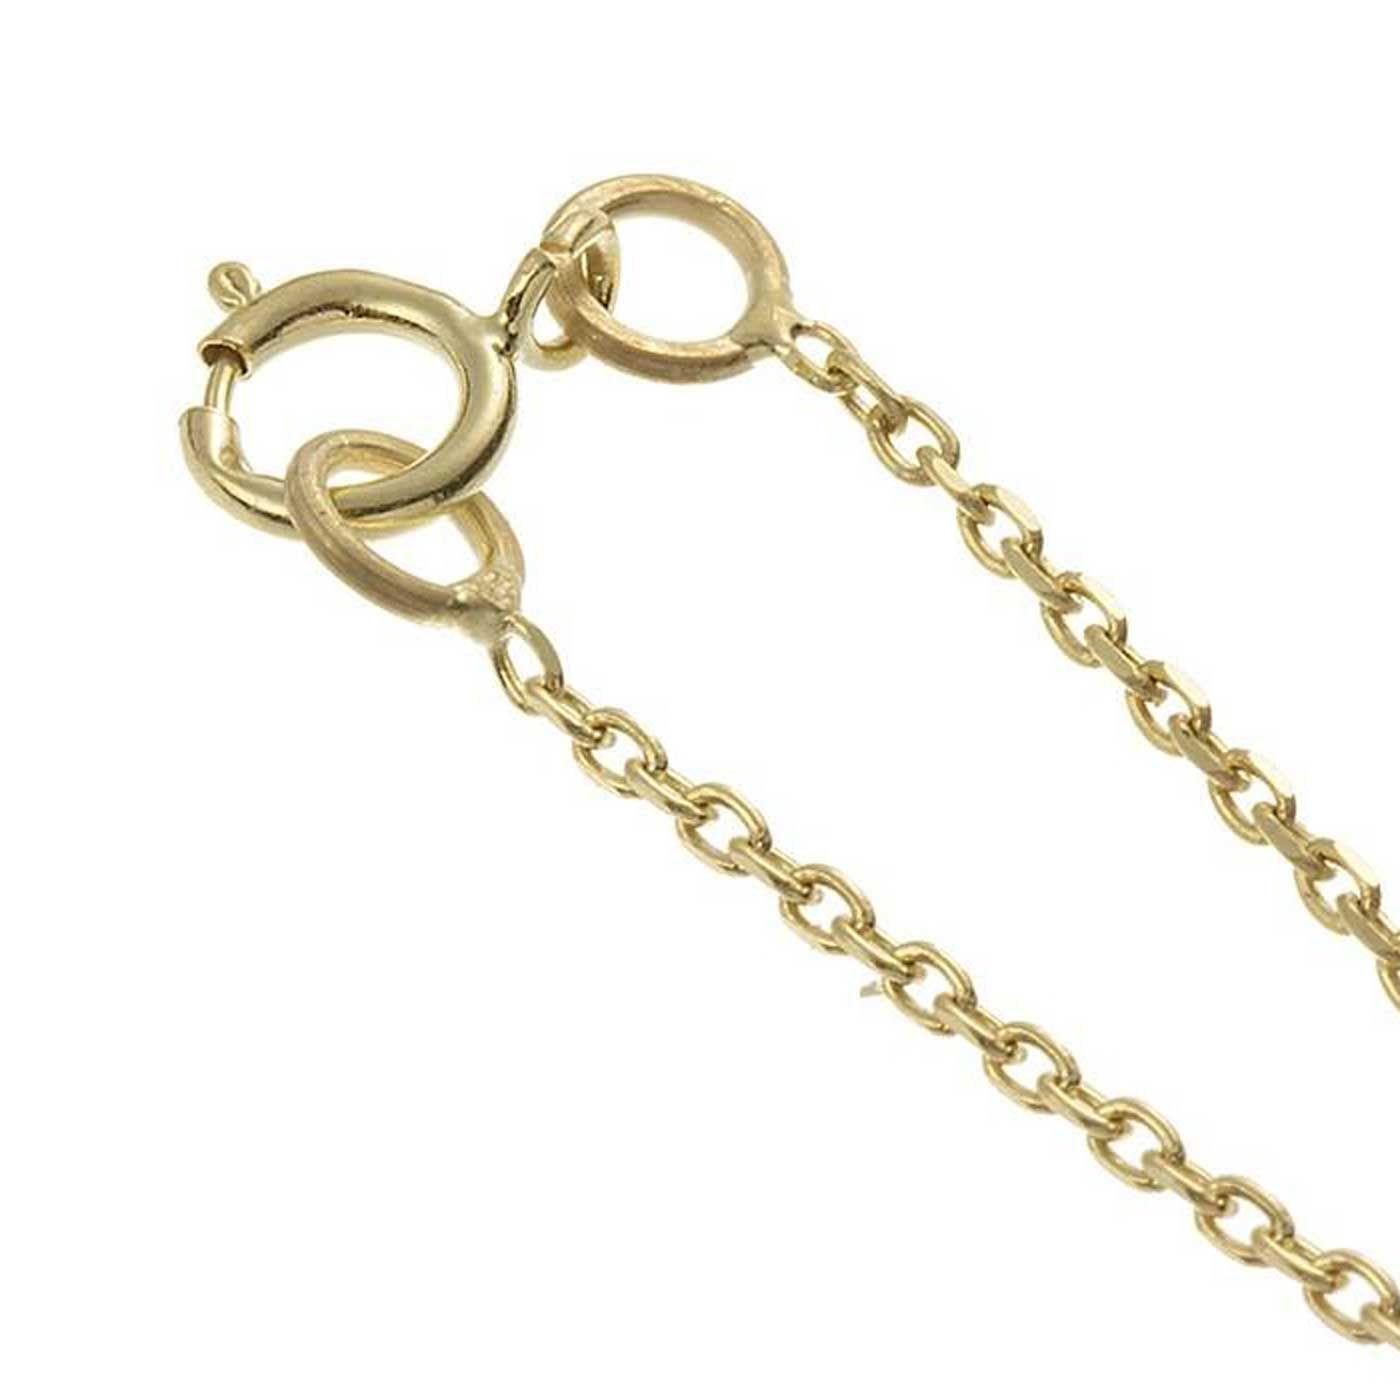 آویز ساعت طلا 18 عیار زنانه کانیار گالری کد AS87 -  - 3